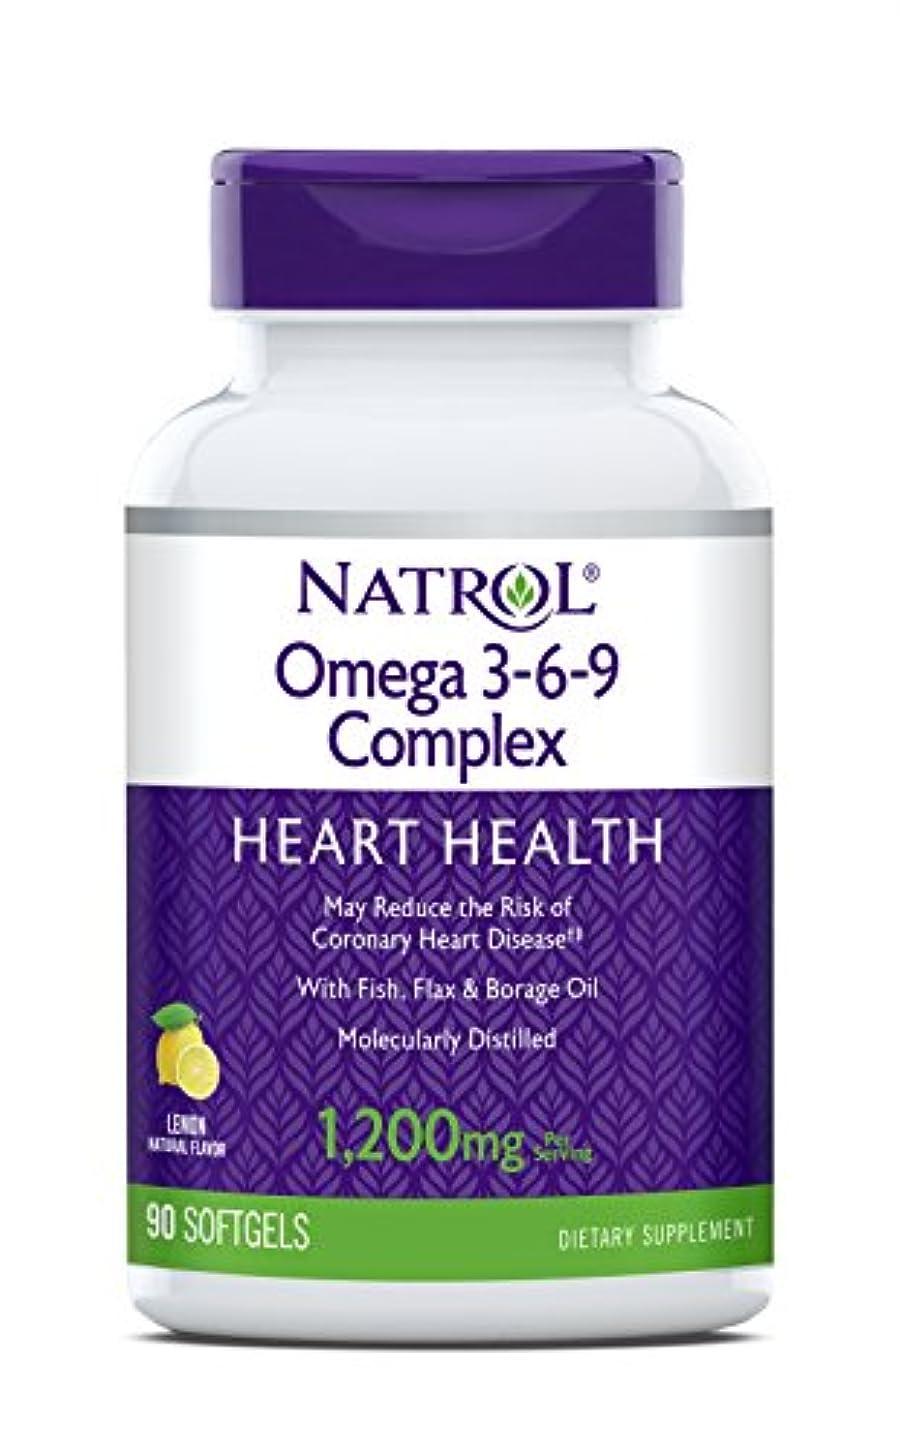 対処する元気遺伝的海外直送品 Natrol (incl Laci Le Beau Teas) Omega 3-6-9 Complex, 90 Softgels